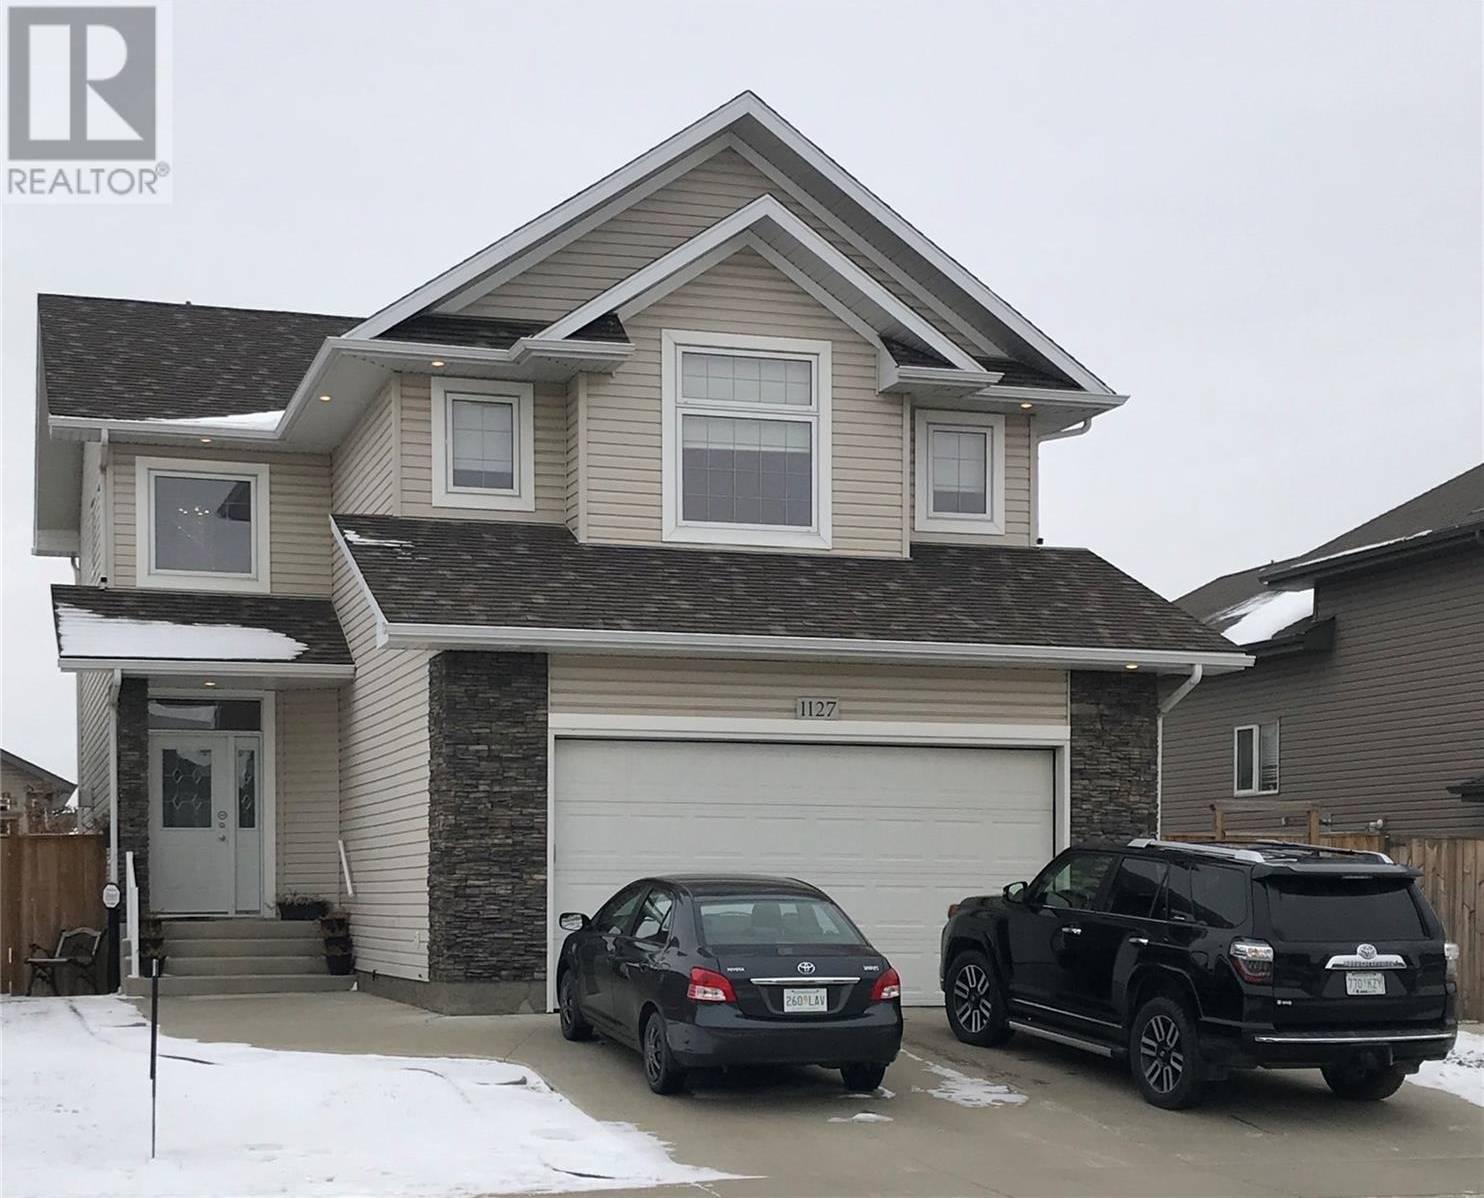 House for sale at 1127 Stensrud Rd Saskatoon Saskatchewan - MLS: SK791279